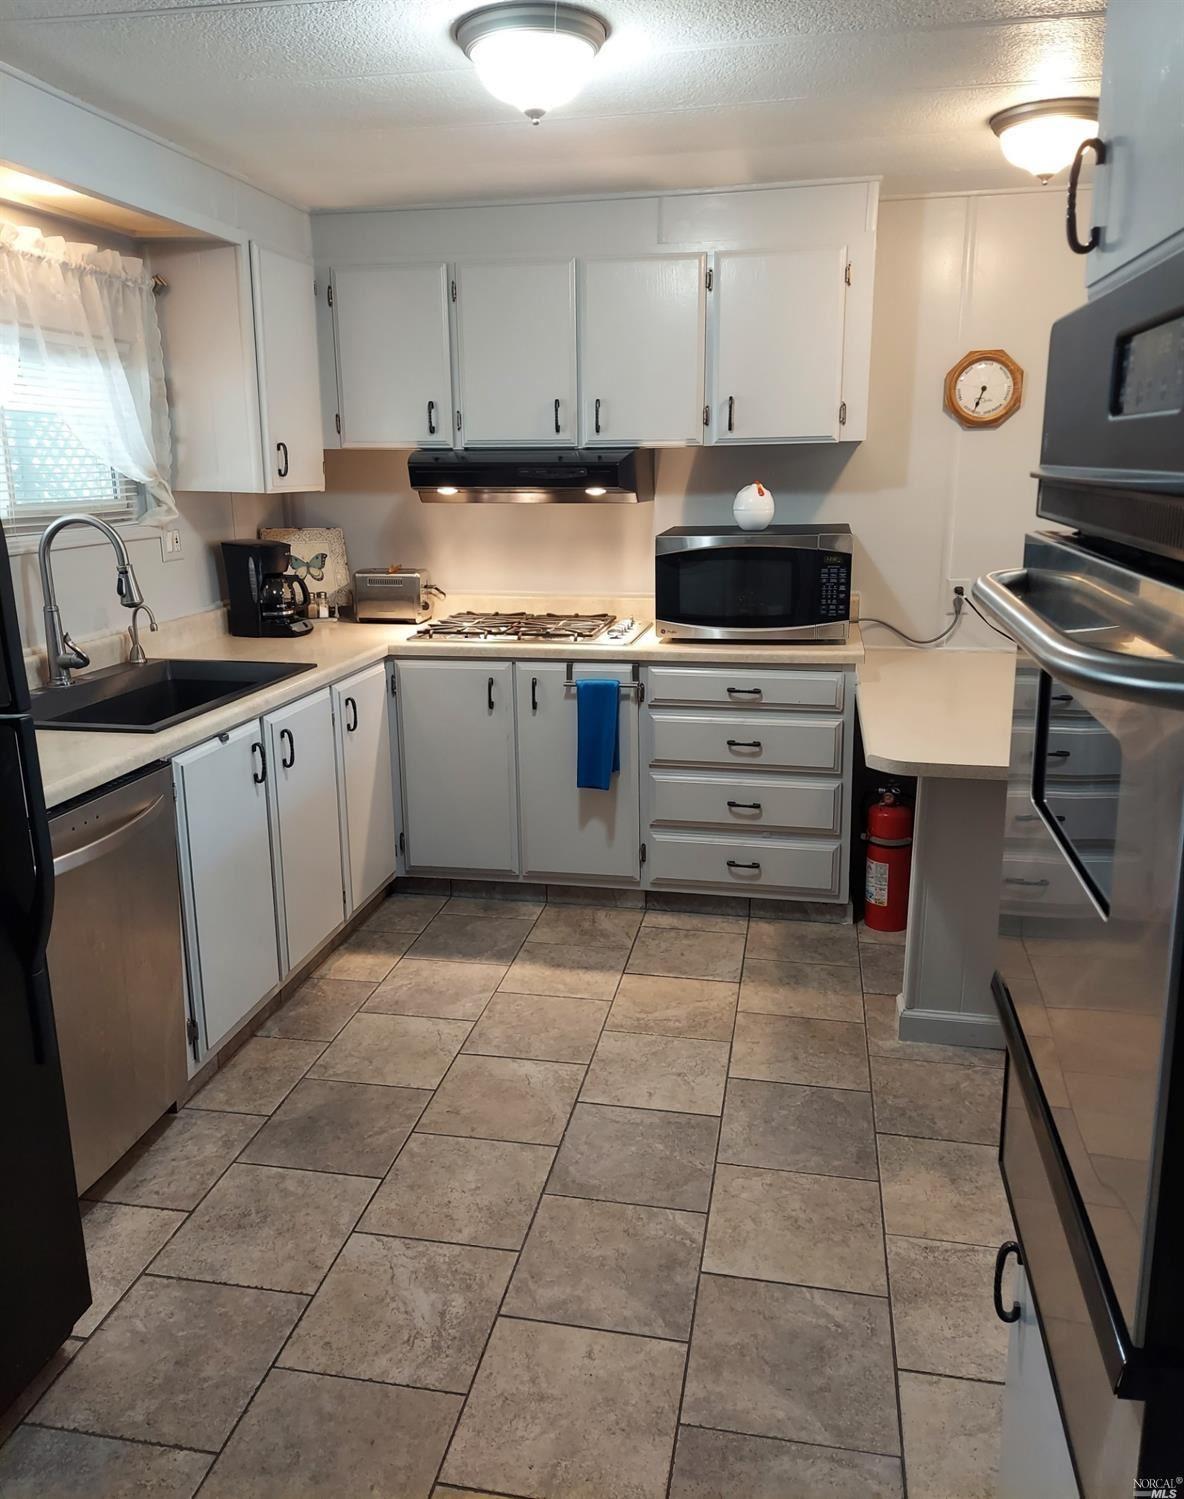 8167 Willow Street, Windsor, CA 95492 - MLS#: 321075197